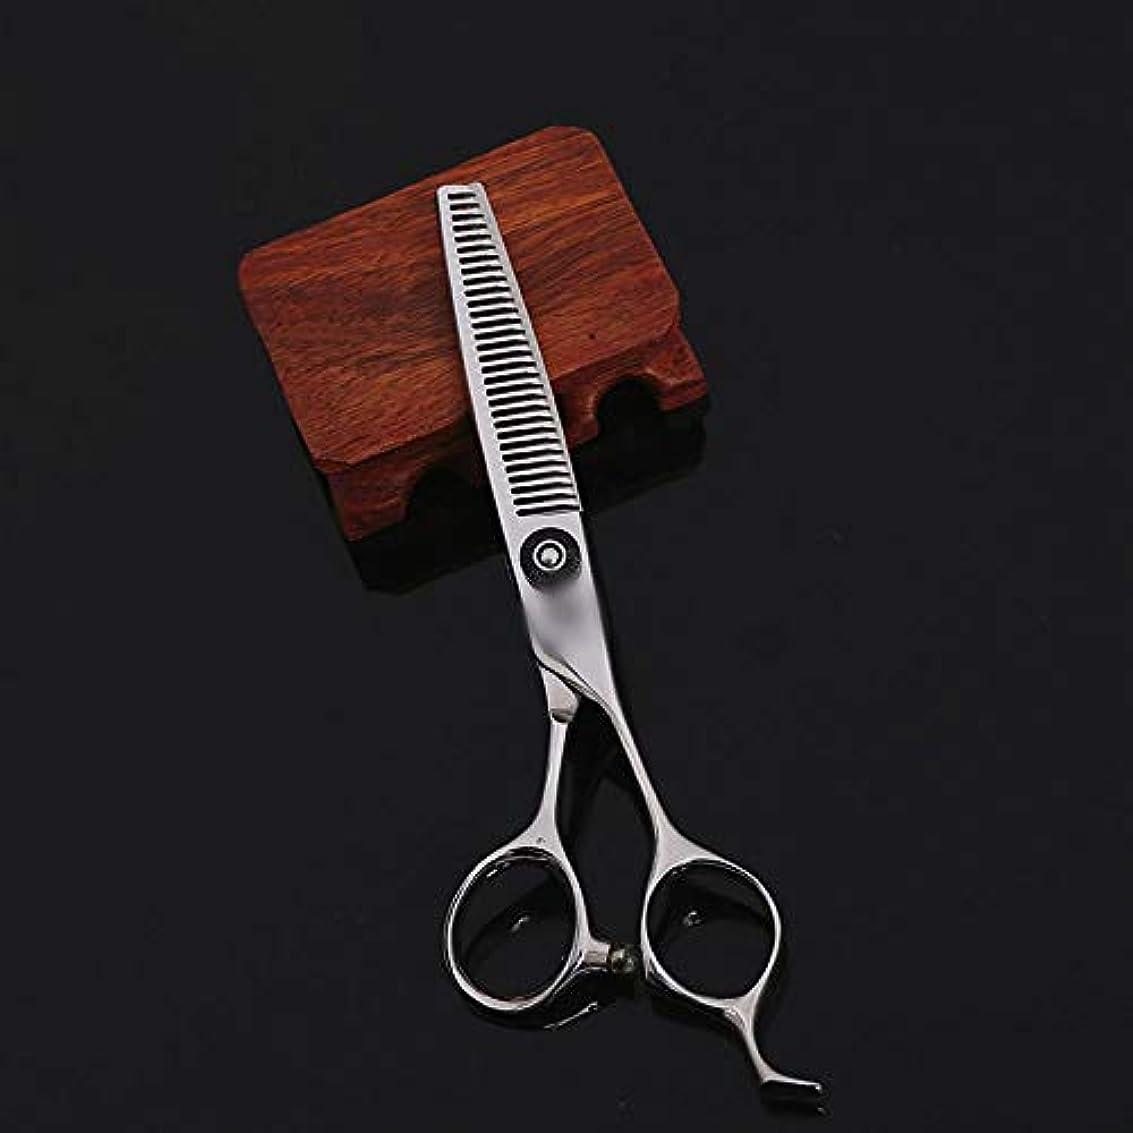 交換に沿って変形WASAIO プロフェッショナル口ひげトリミングアクセサリー薄毛のはさみはさみレベルカット理容室ステンレス鋼理髪6インチカービング (色 : Silver)